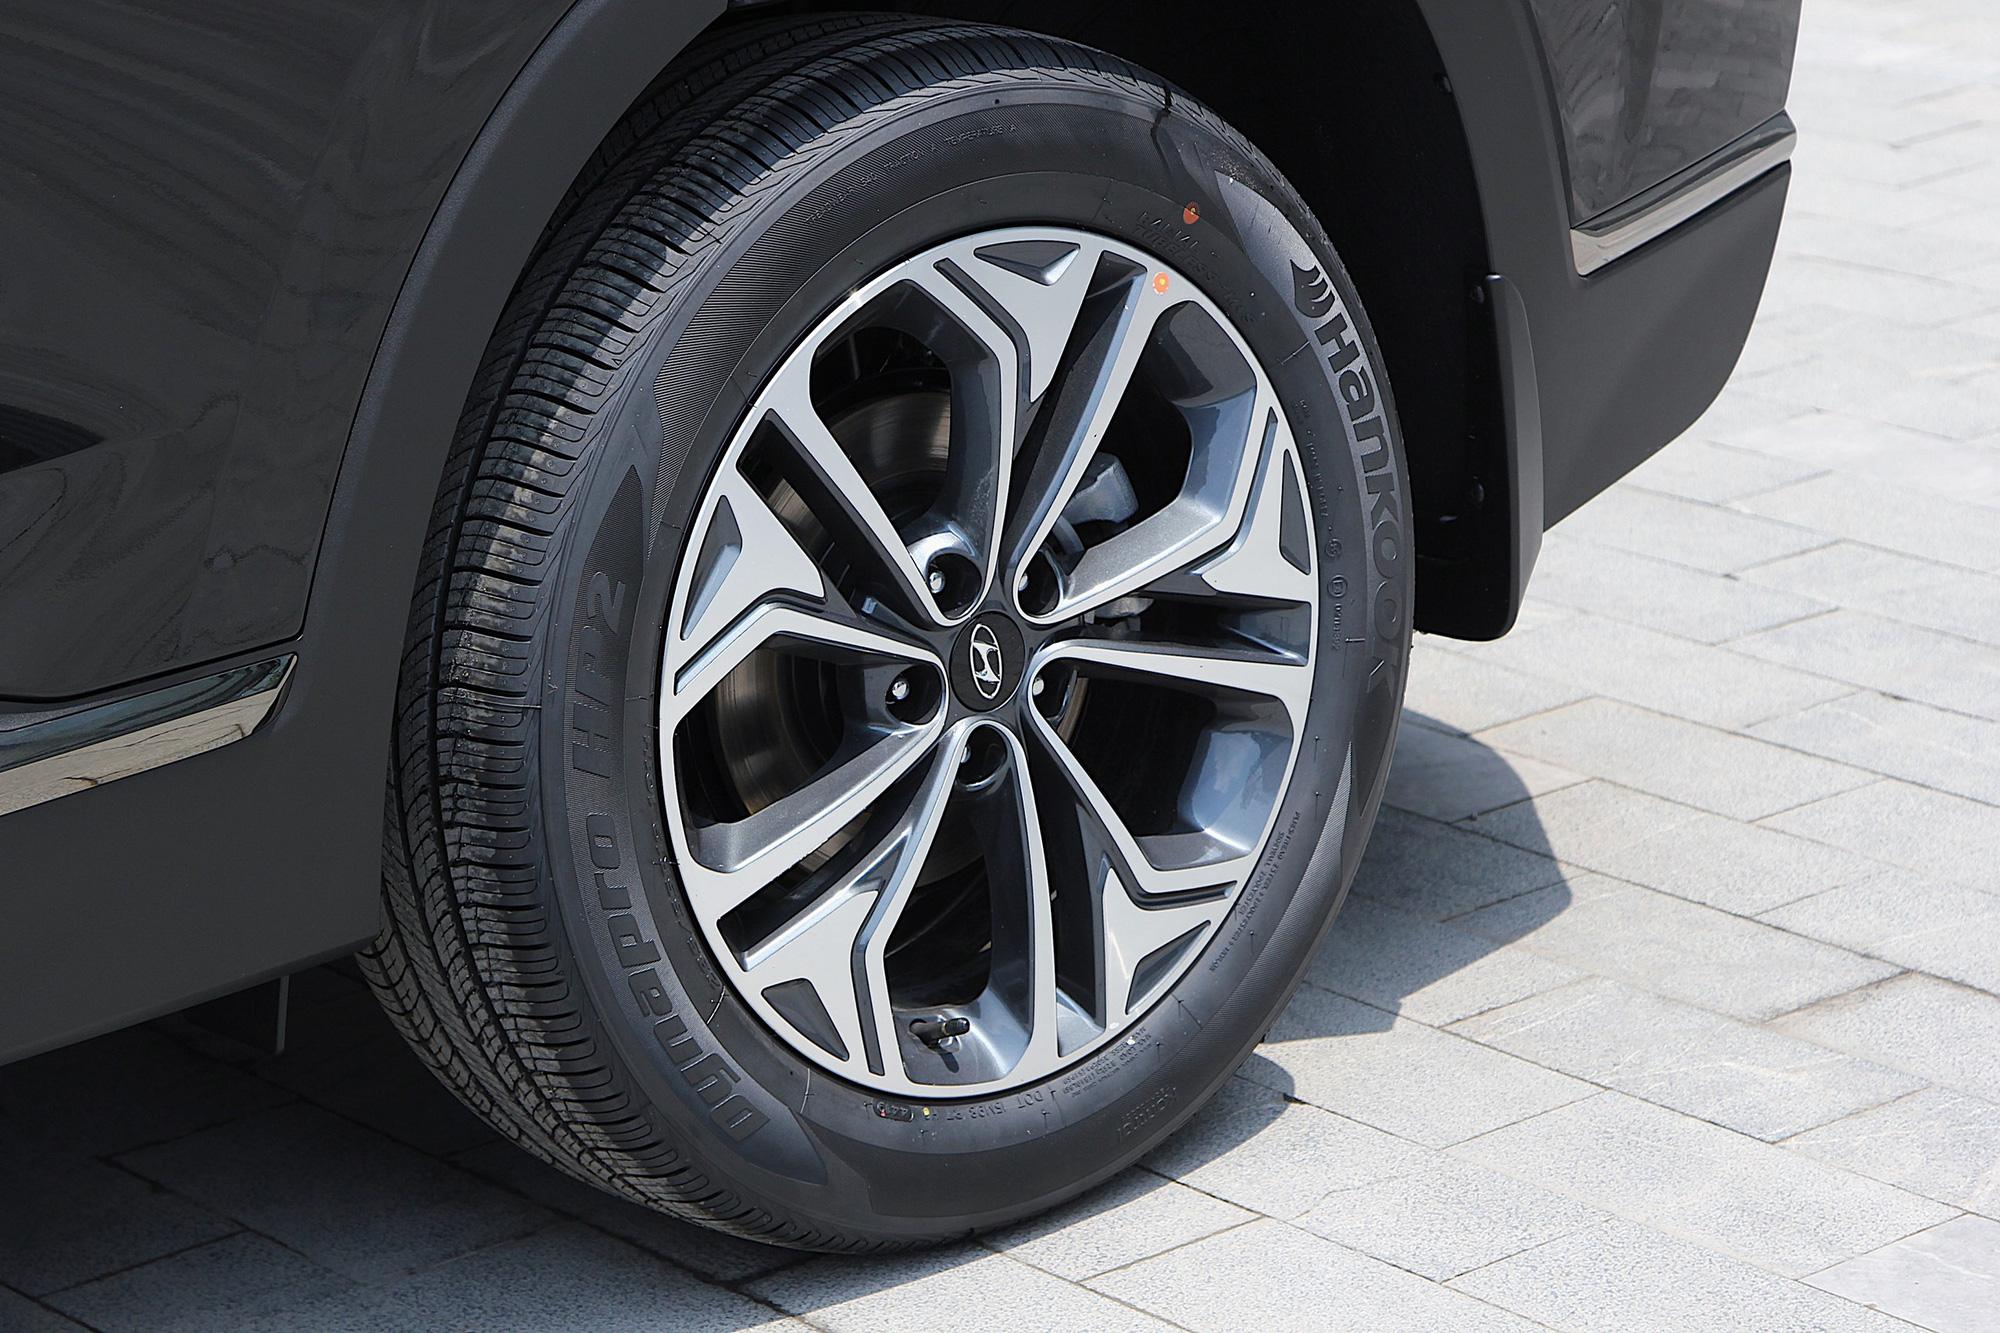 Phân khúc 1 tỷ đồng, chủ xe Hyundai SantaFe đánh giá ngỡ ngang - Ảnh 6.